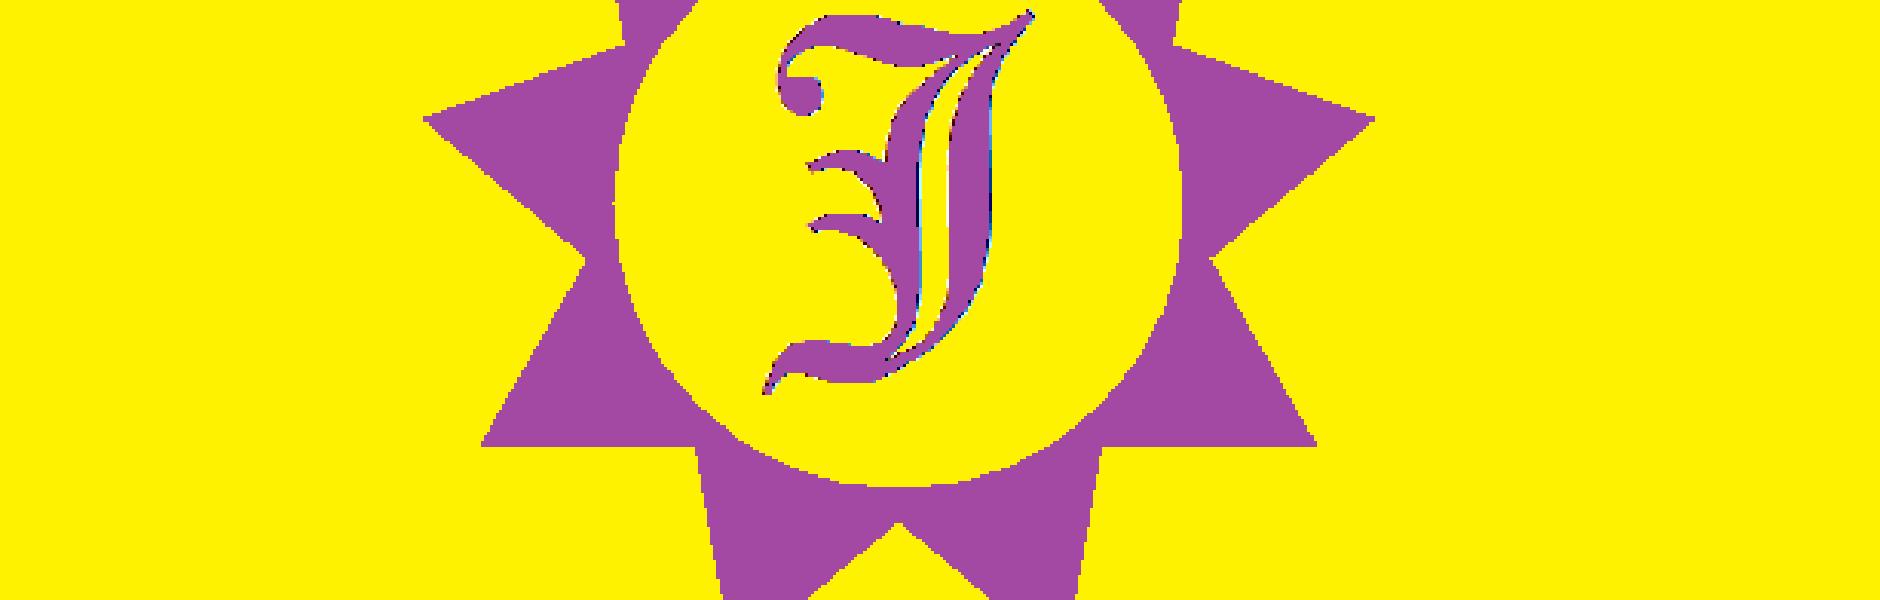 Jirosj